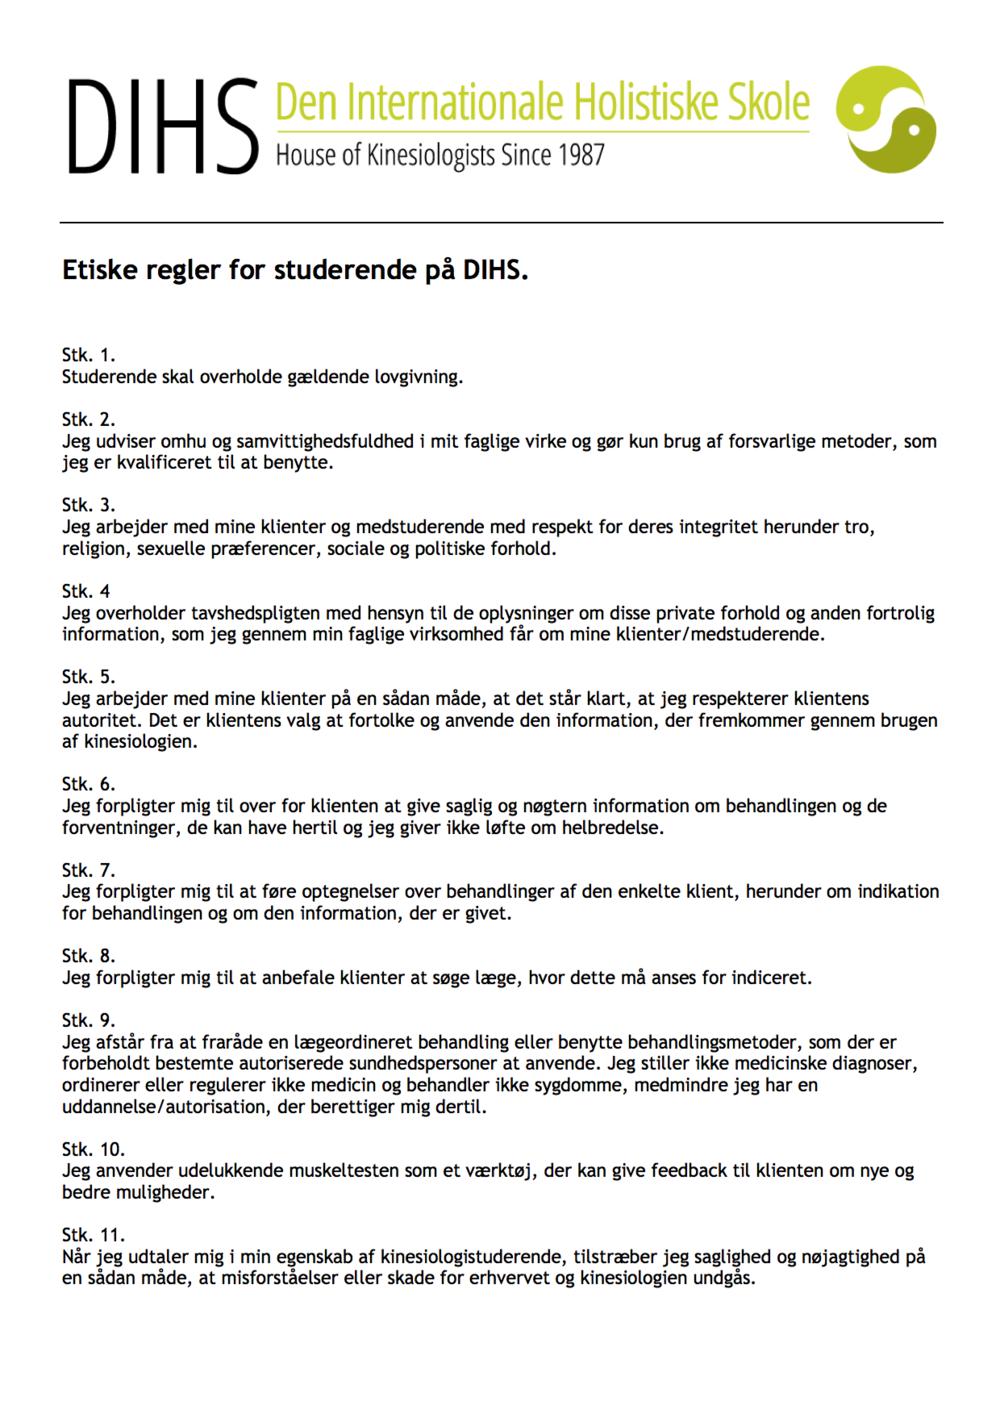 Etiske regler for studerende dihs.png